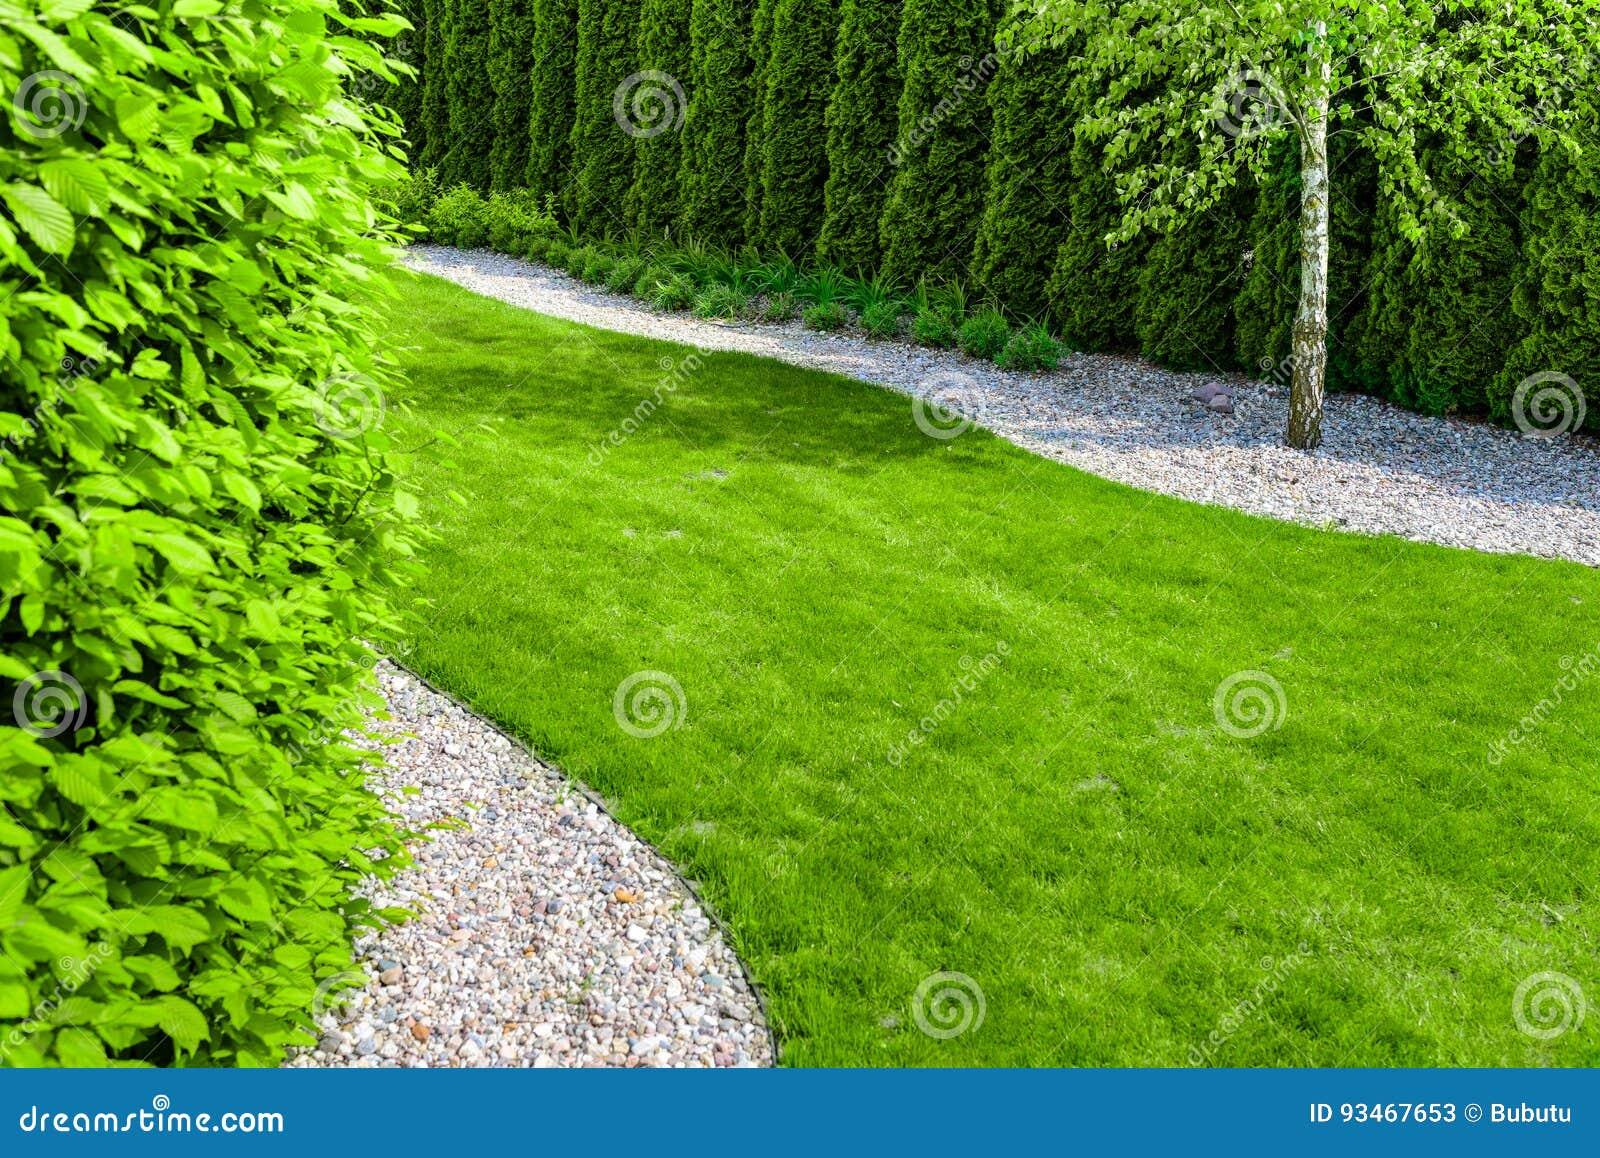 Formaler Garten Mit Einem Weg Von Kleinen Steinen Von Hecke Und